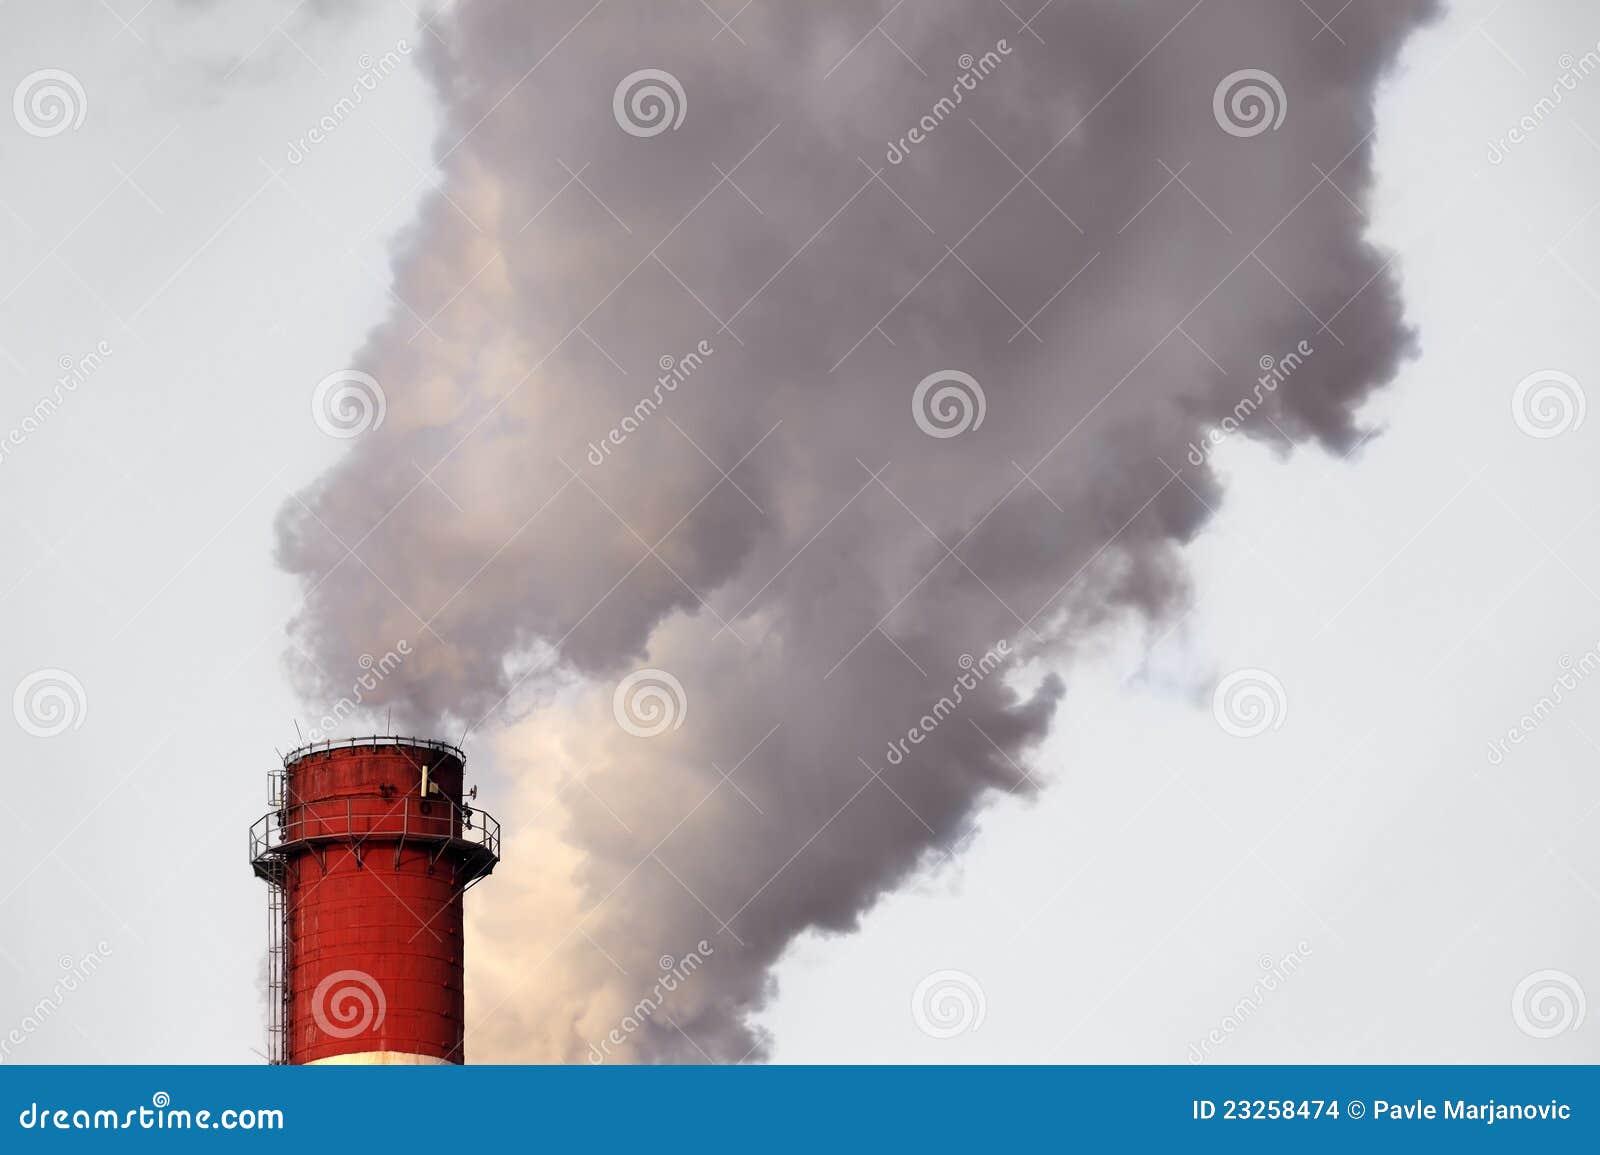 Industrieller Kamin, der Smog freigibt